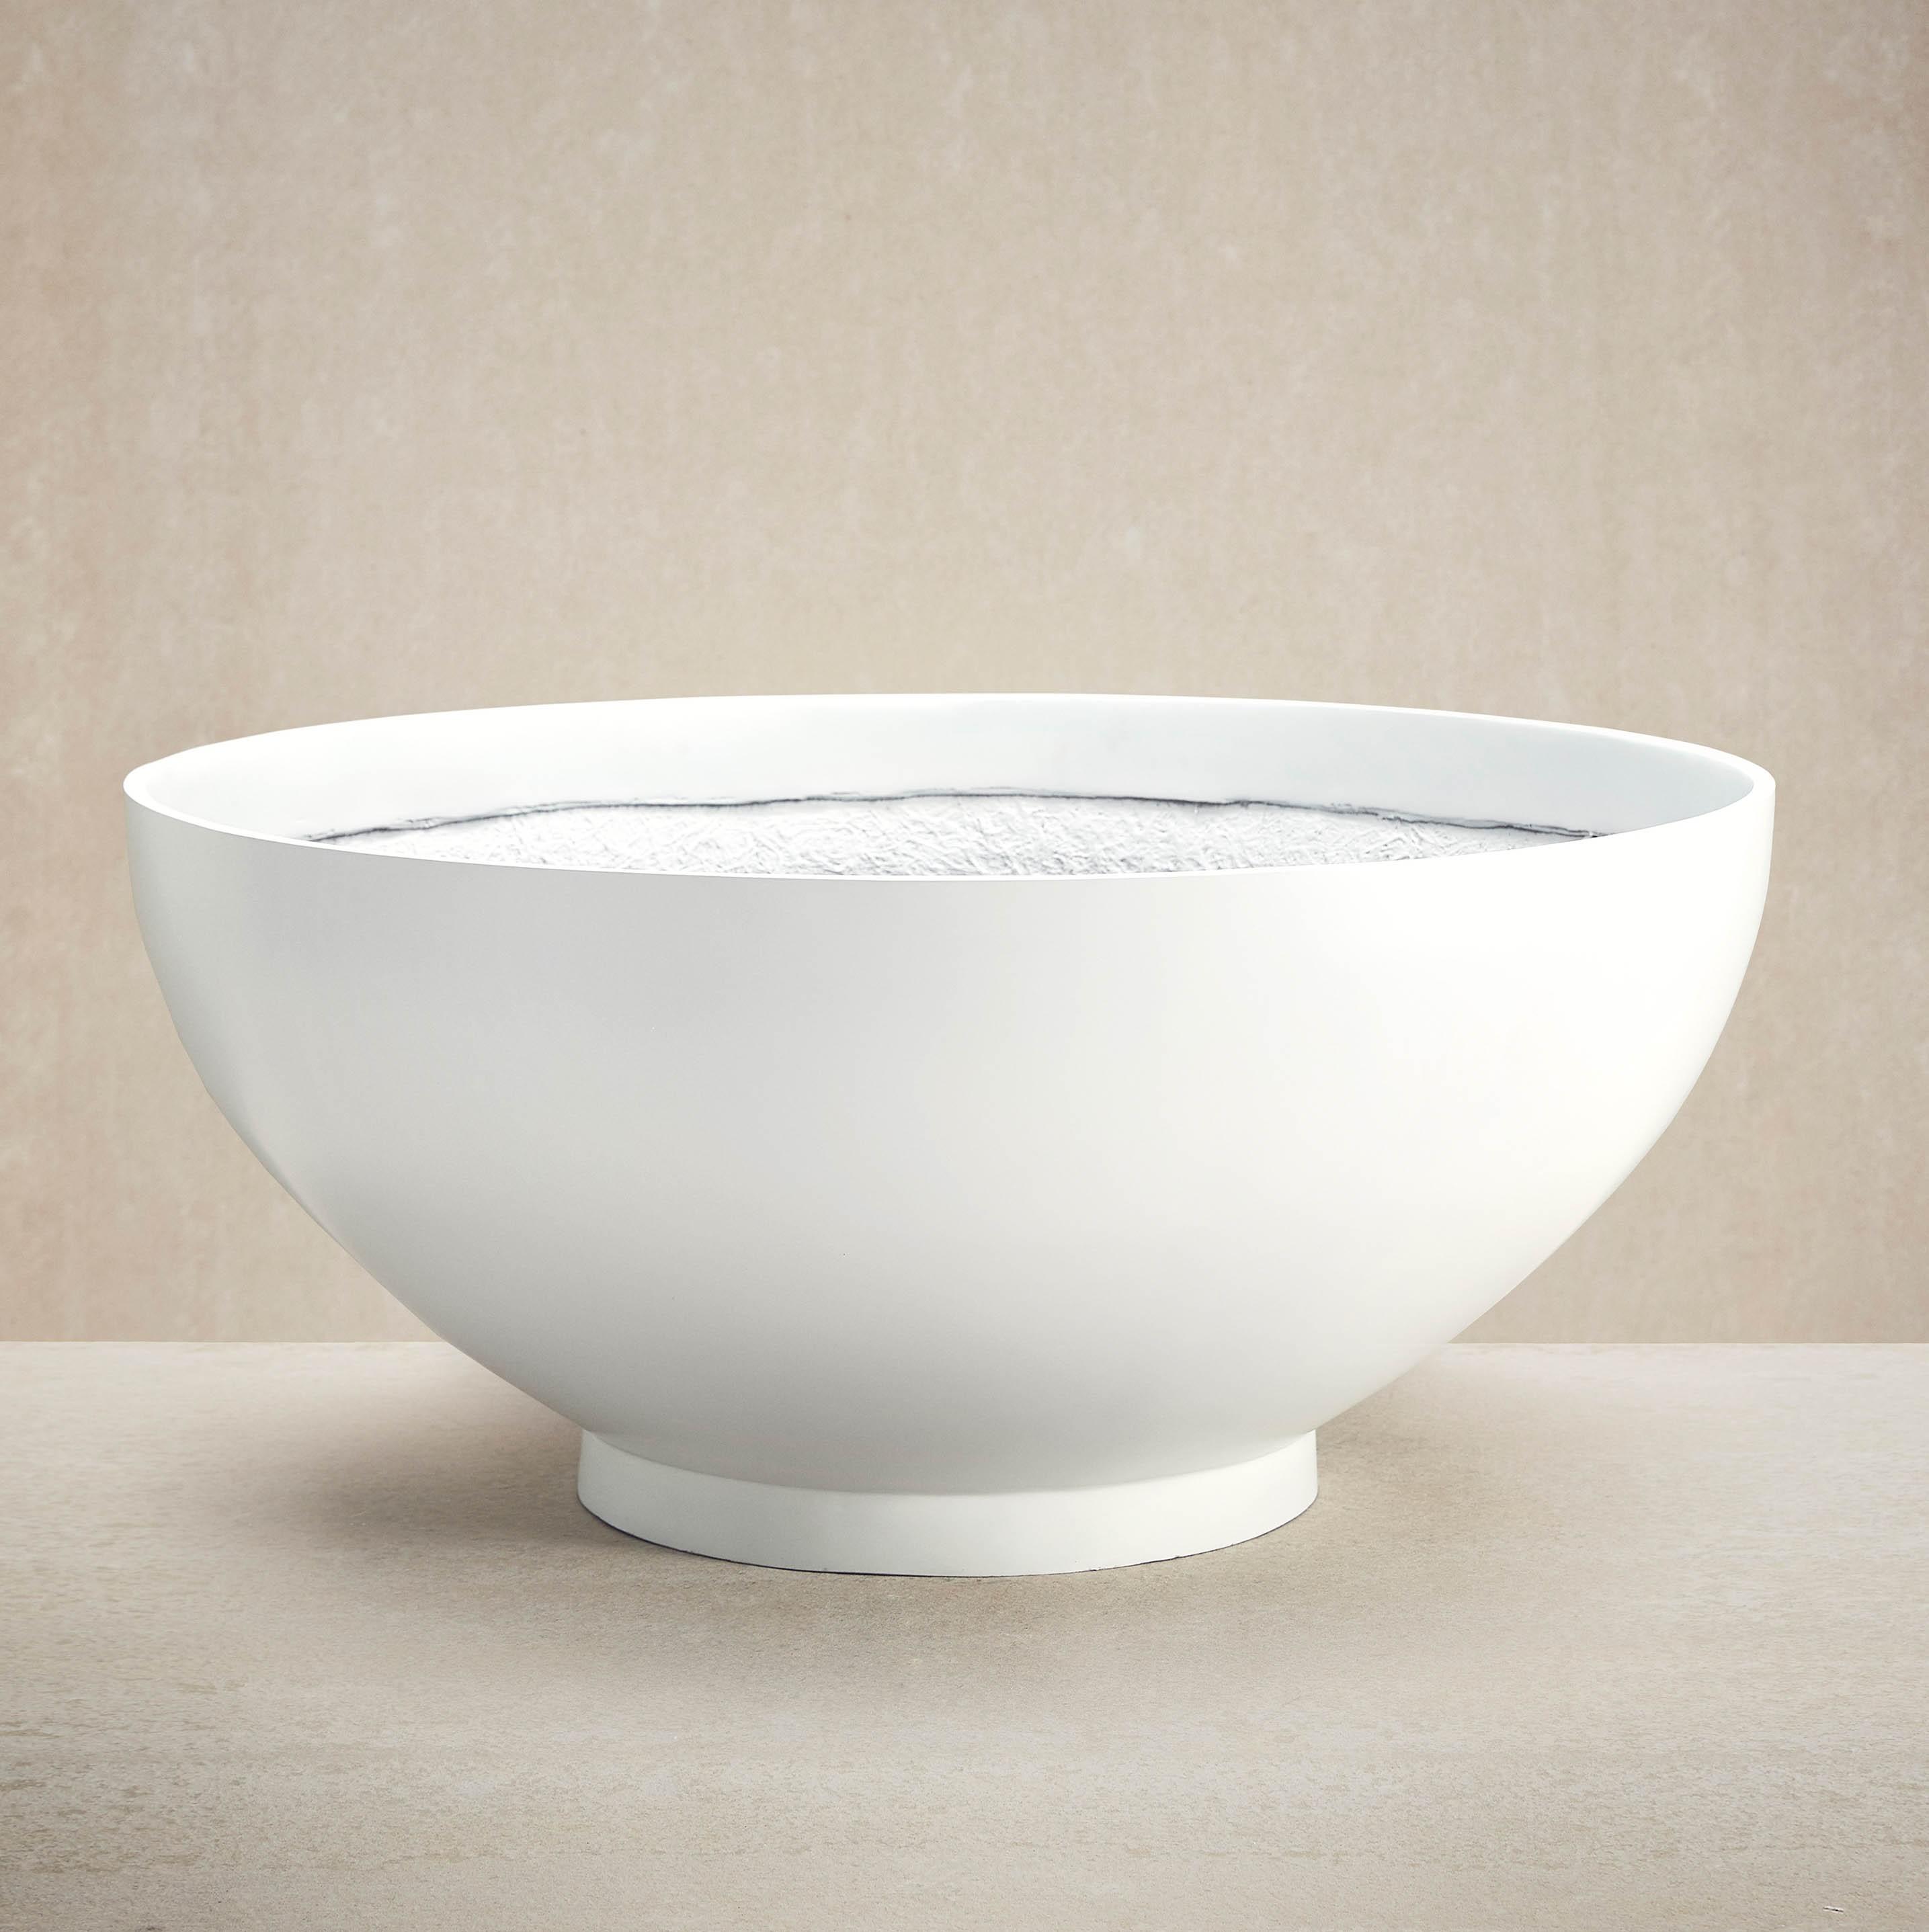 Decor Fibreglass Hero Pesa-fine-bowl-hero-01